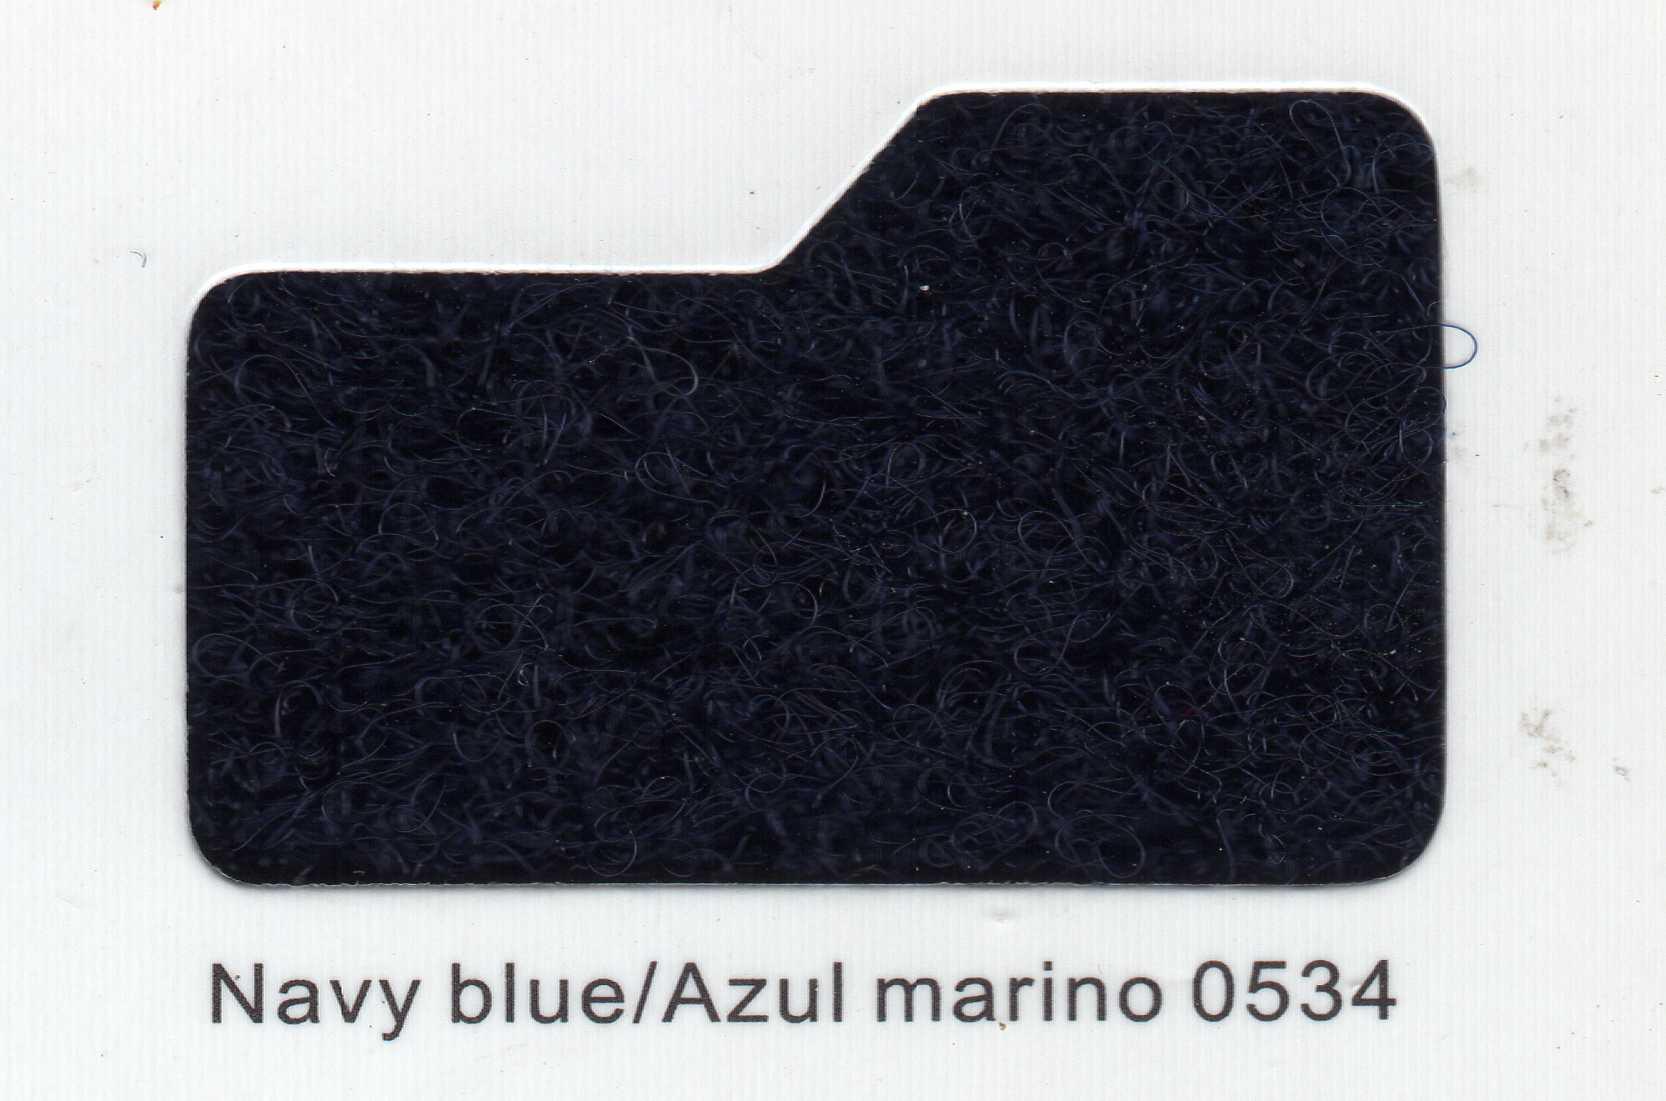 Cinta de cierre Velcro-Veraco 20mm Azul Marino 0534 (Rizo).